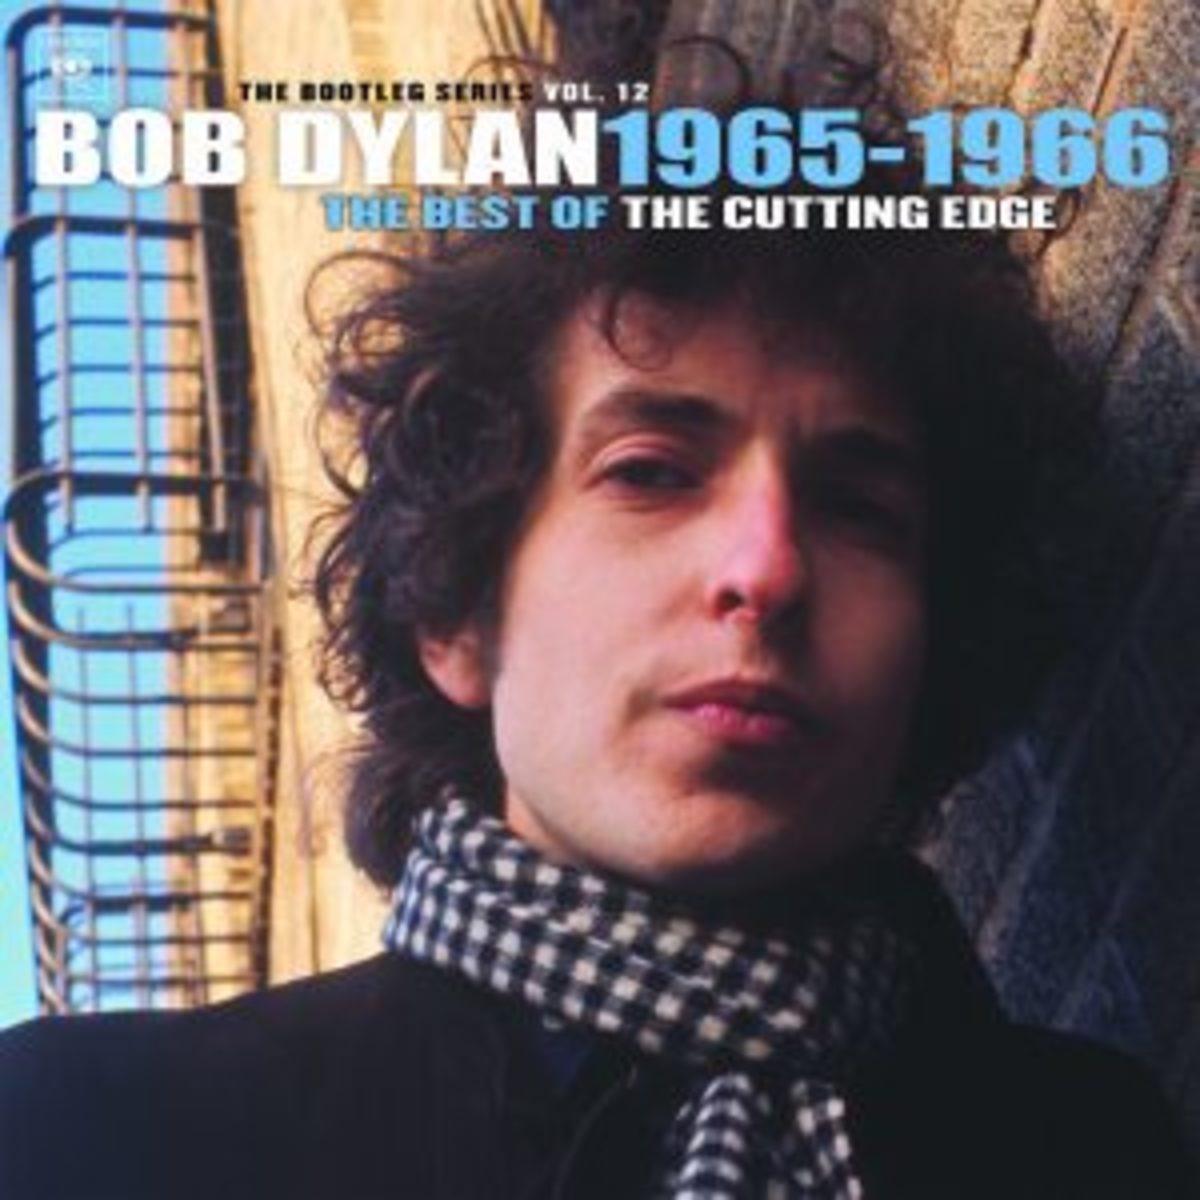 Dylan-best-cut